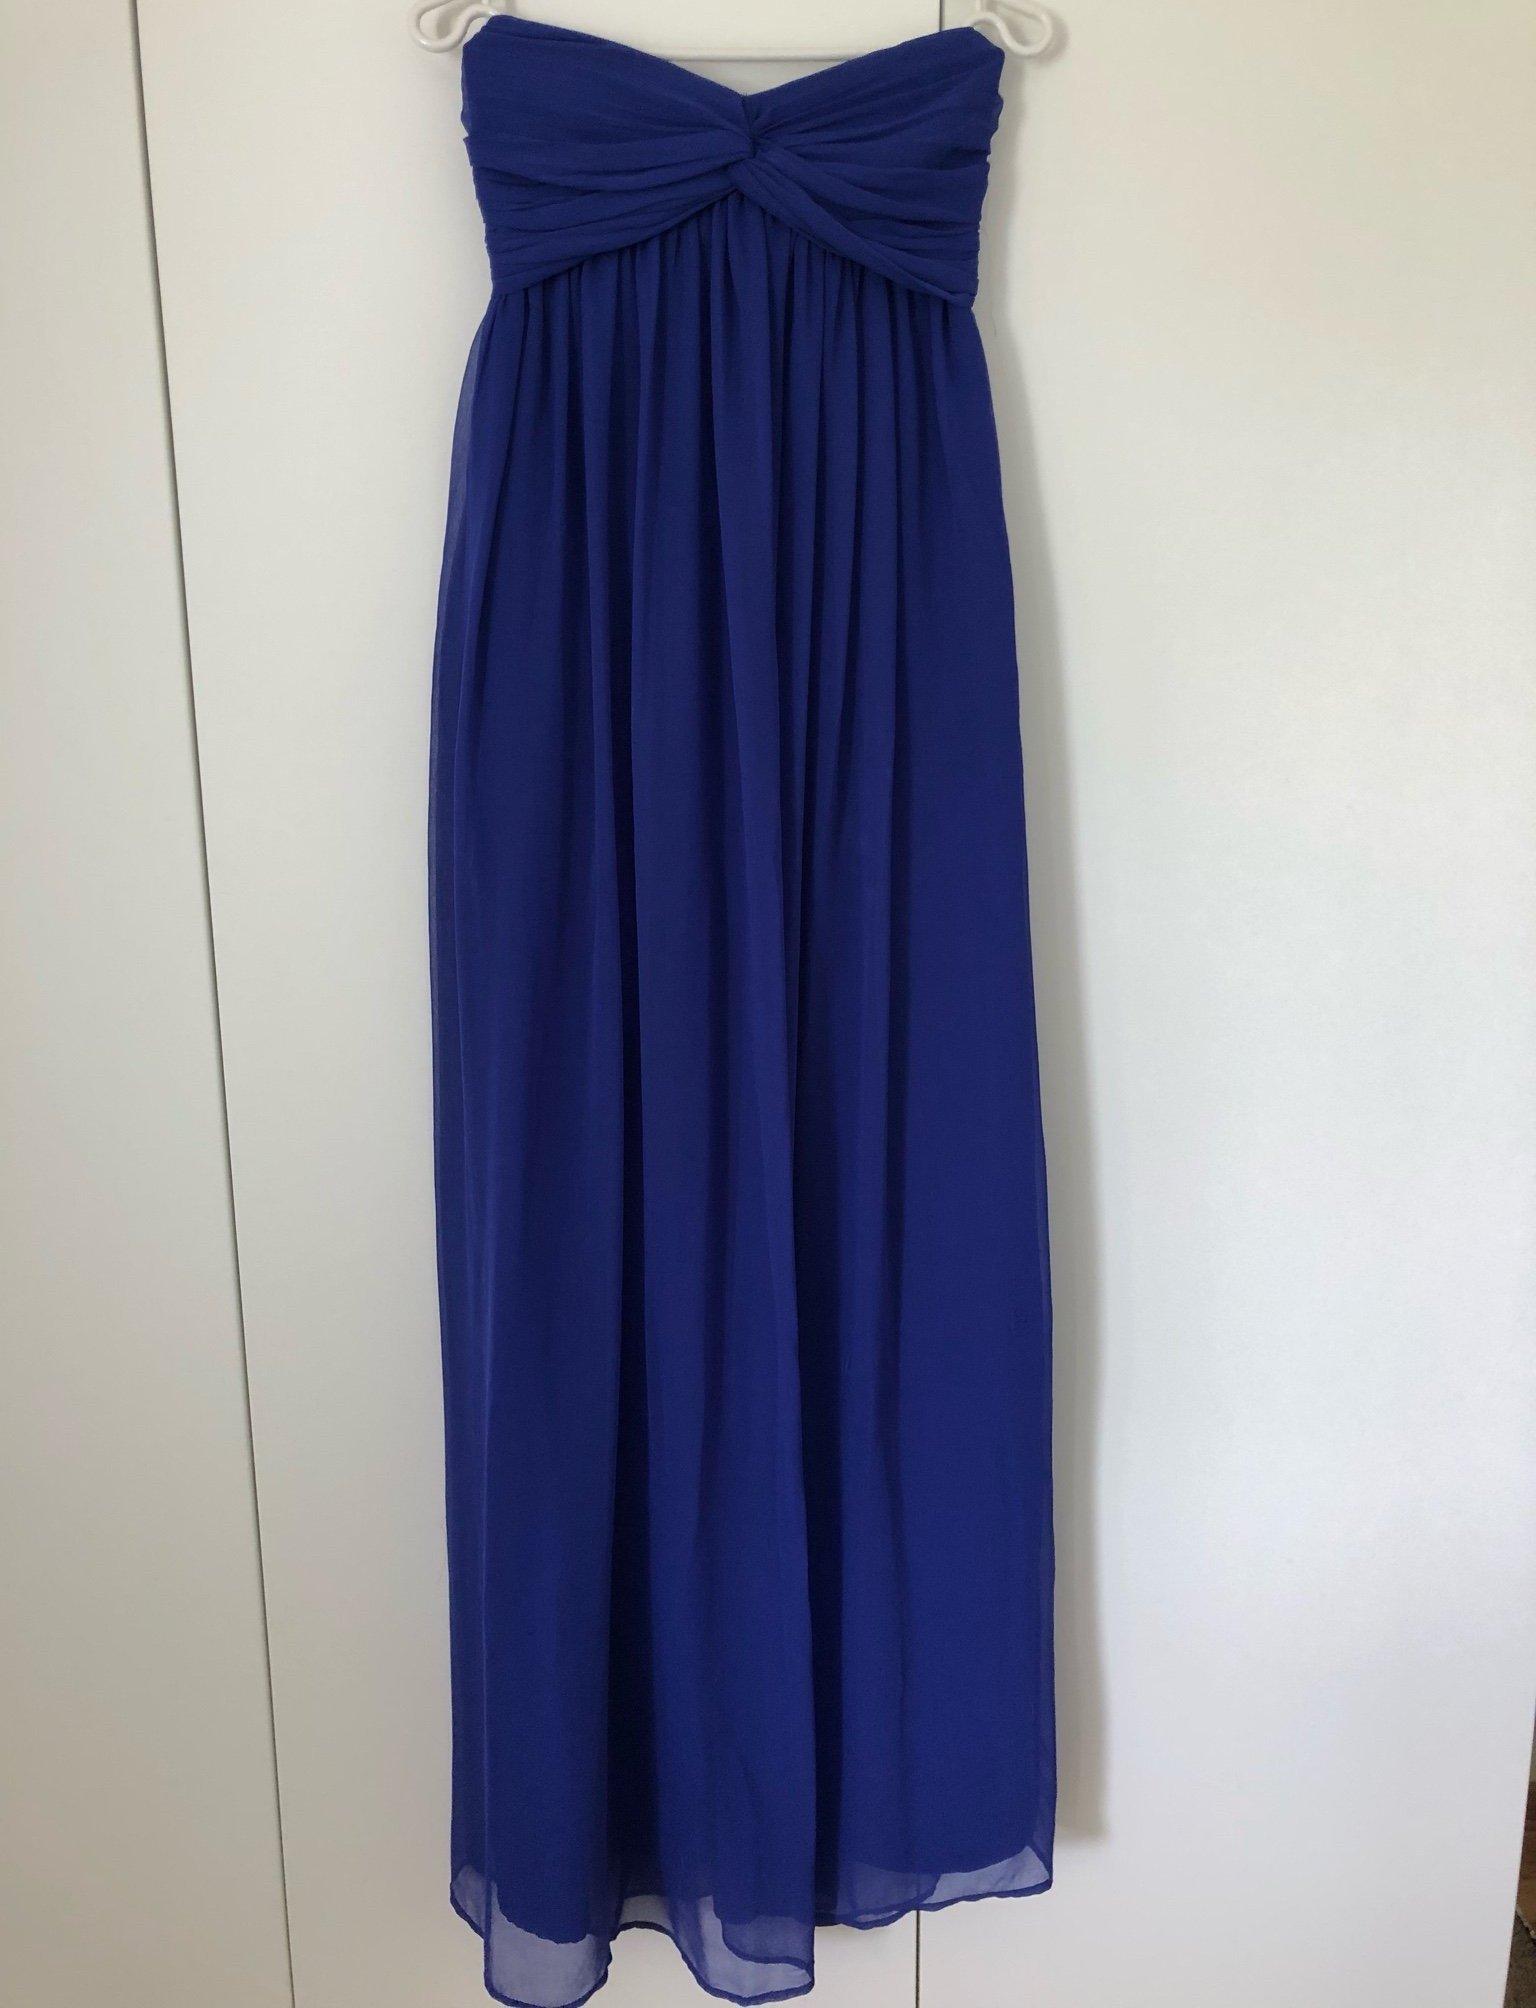 e0dabae92f15 Blå långklänning Nelly Trend XS (351299884) ᐈ Köp på Tradera